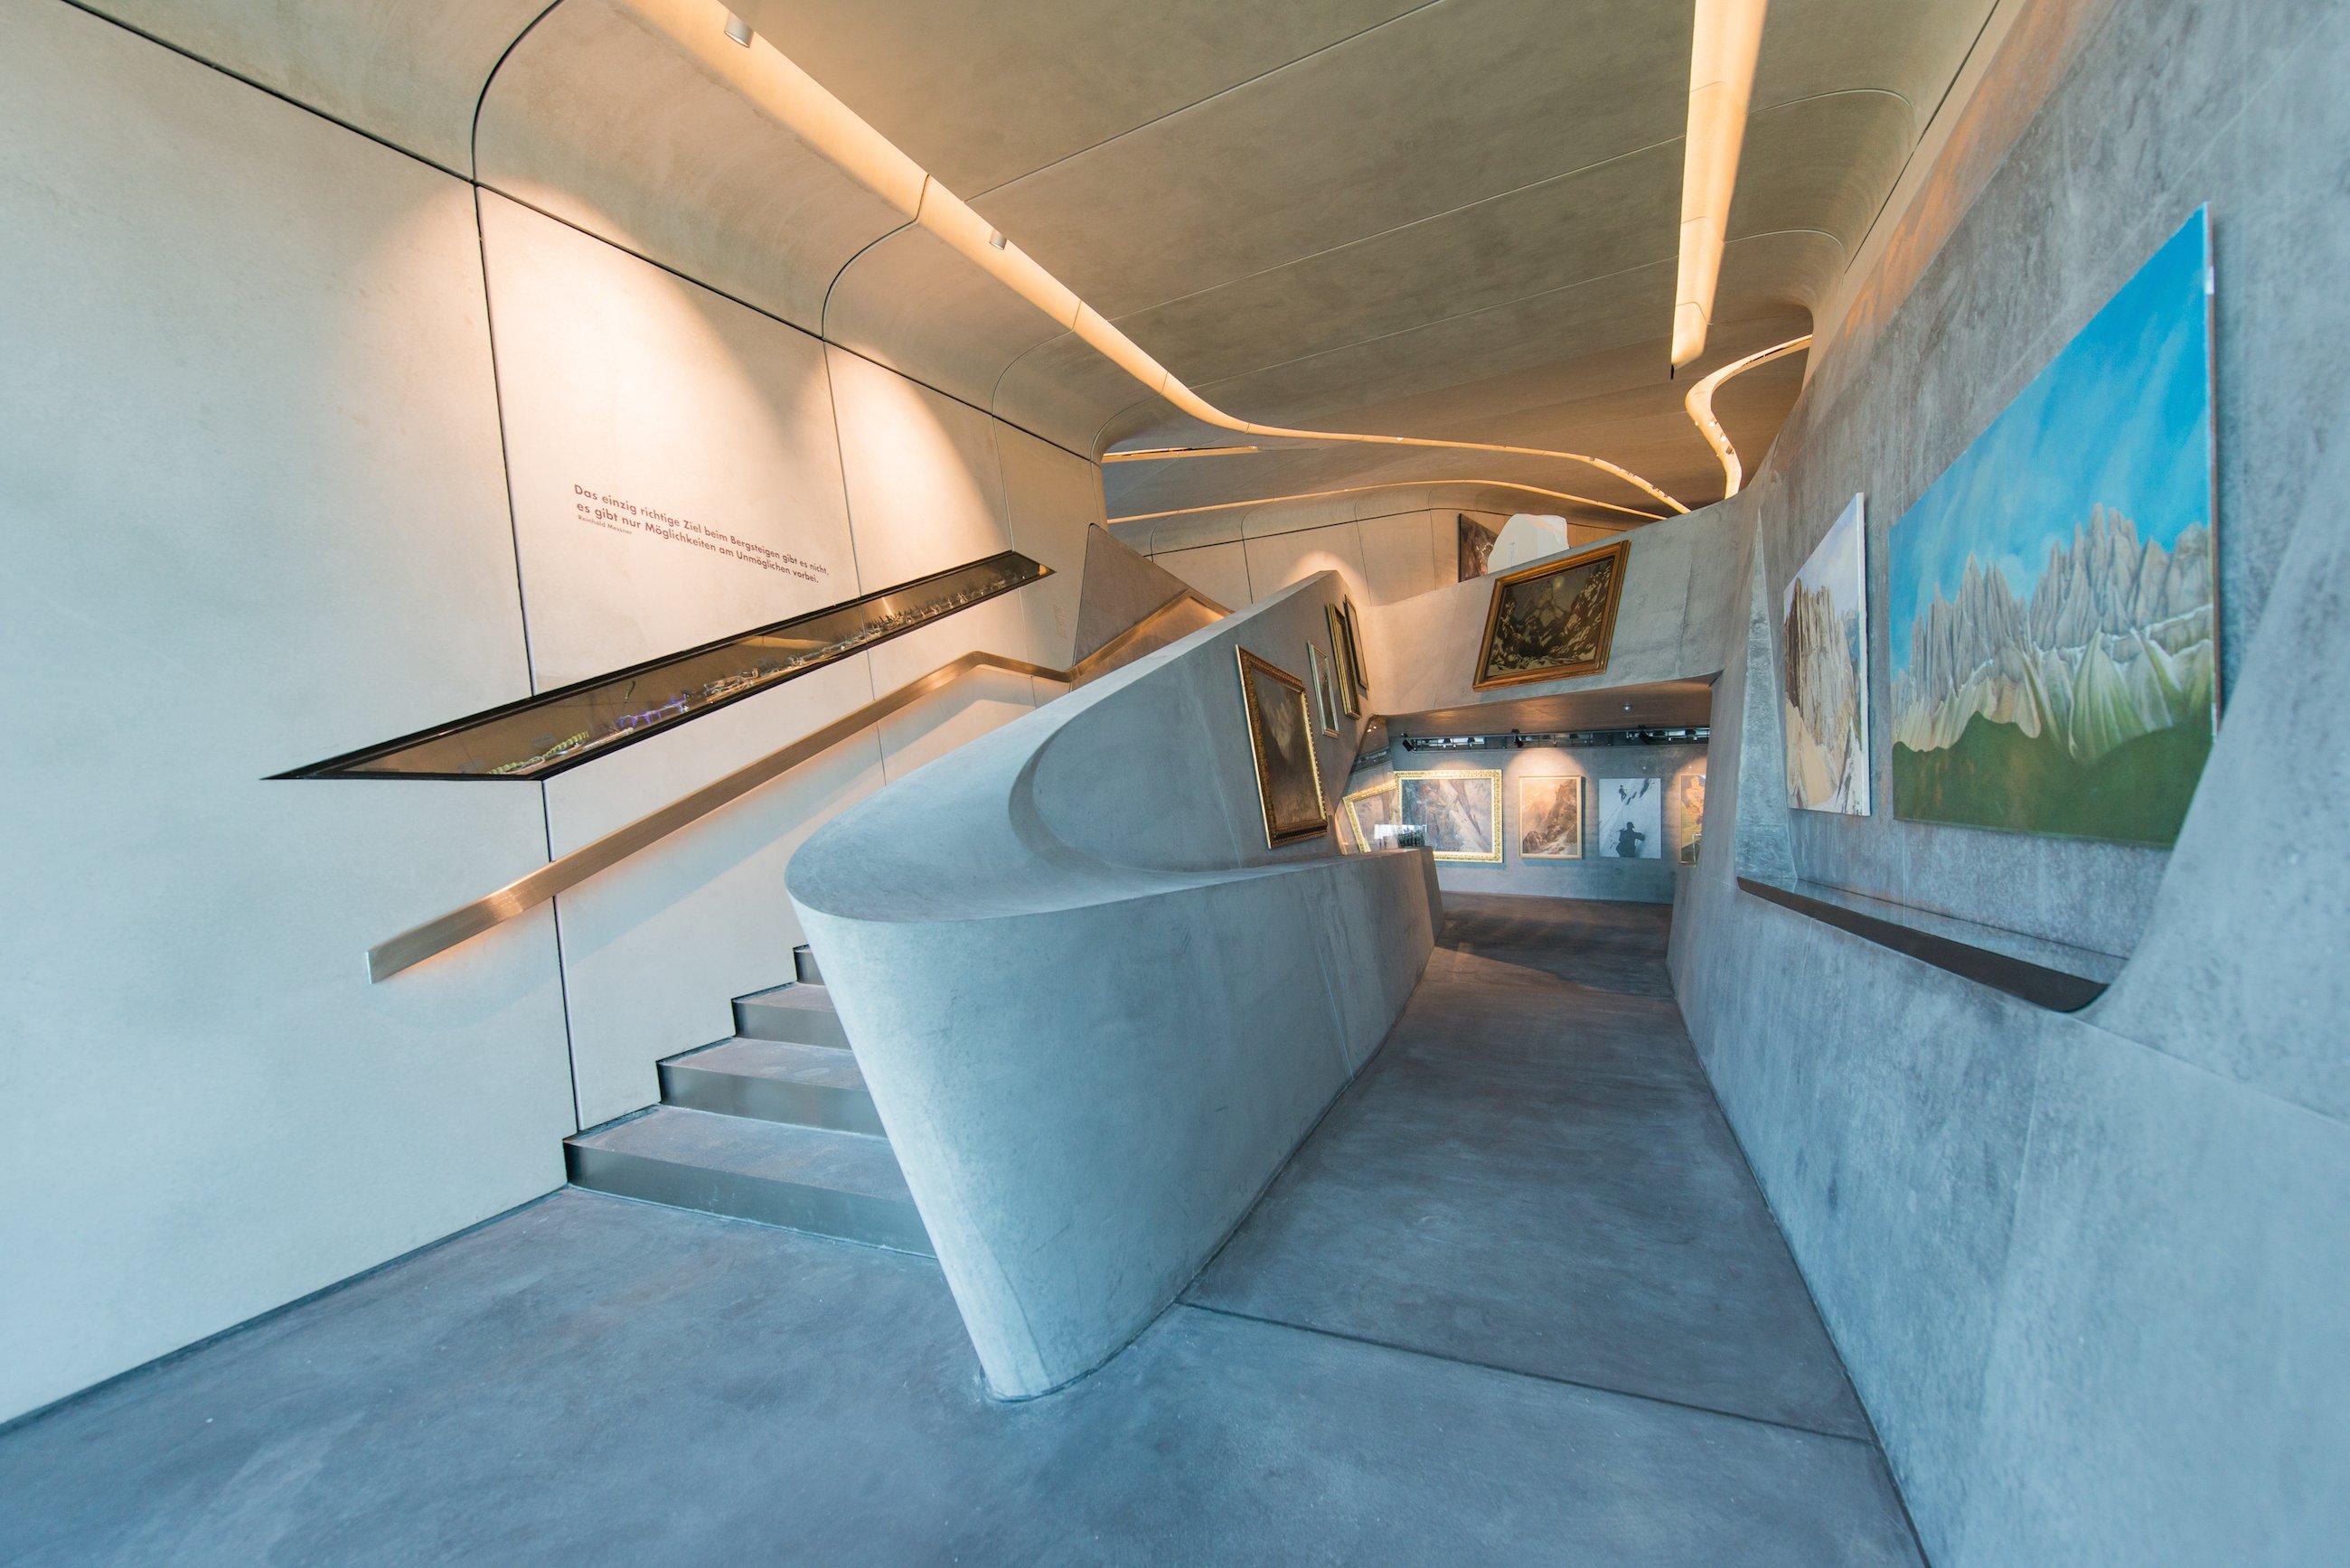 Im Inneren des Messner Mountain Museums: Besucher bestaunen hierBergsteigerreliquien, Kunstwerke und Illustrationen.